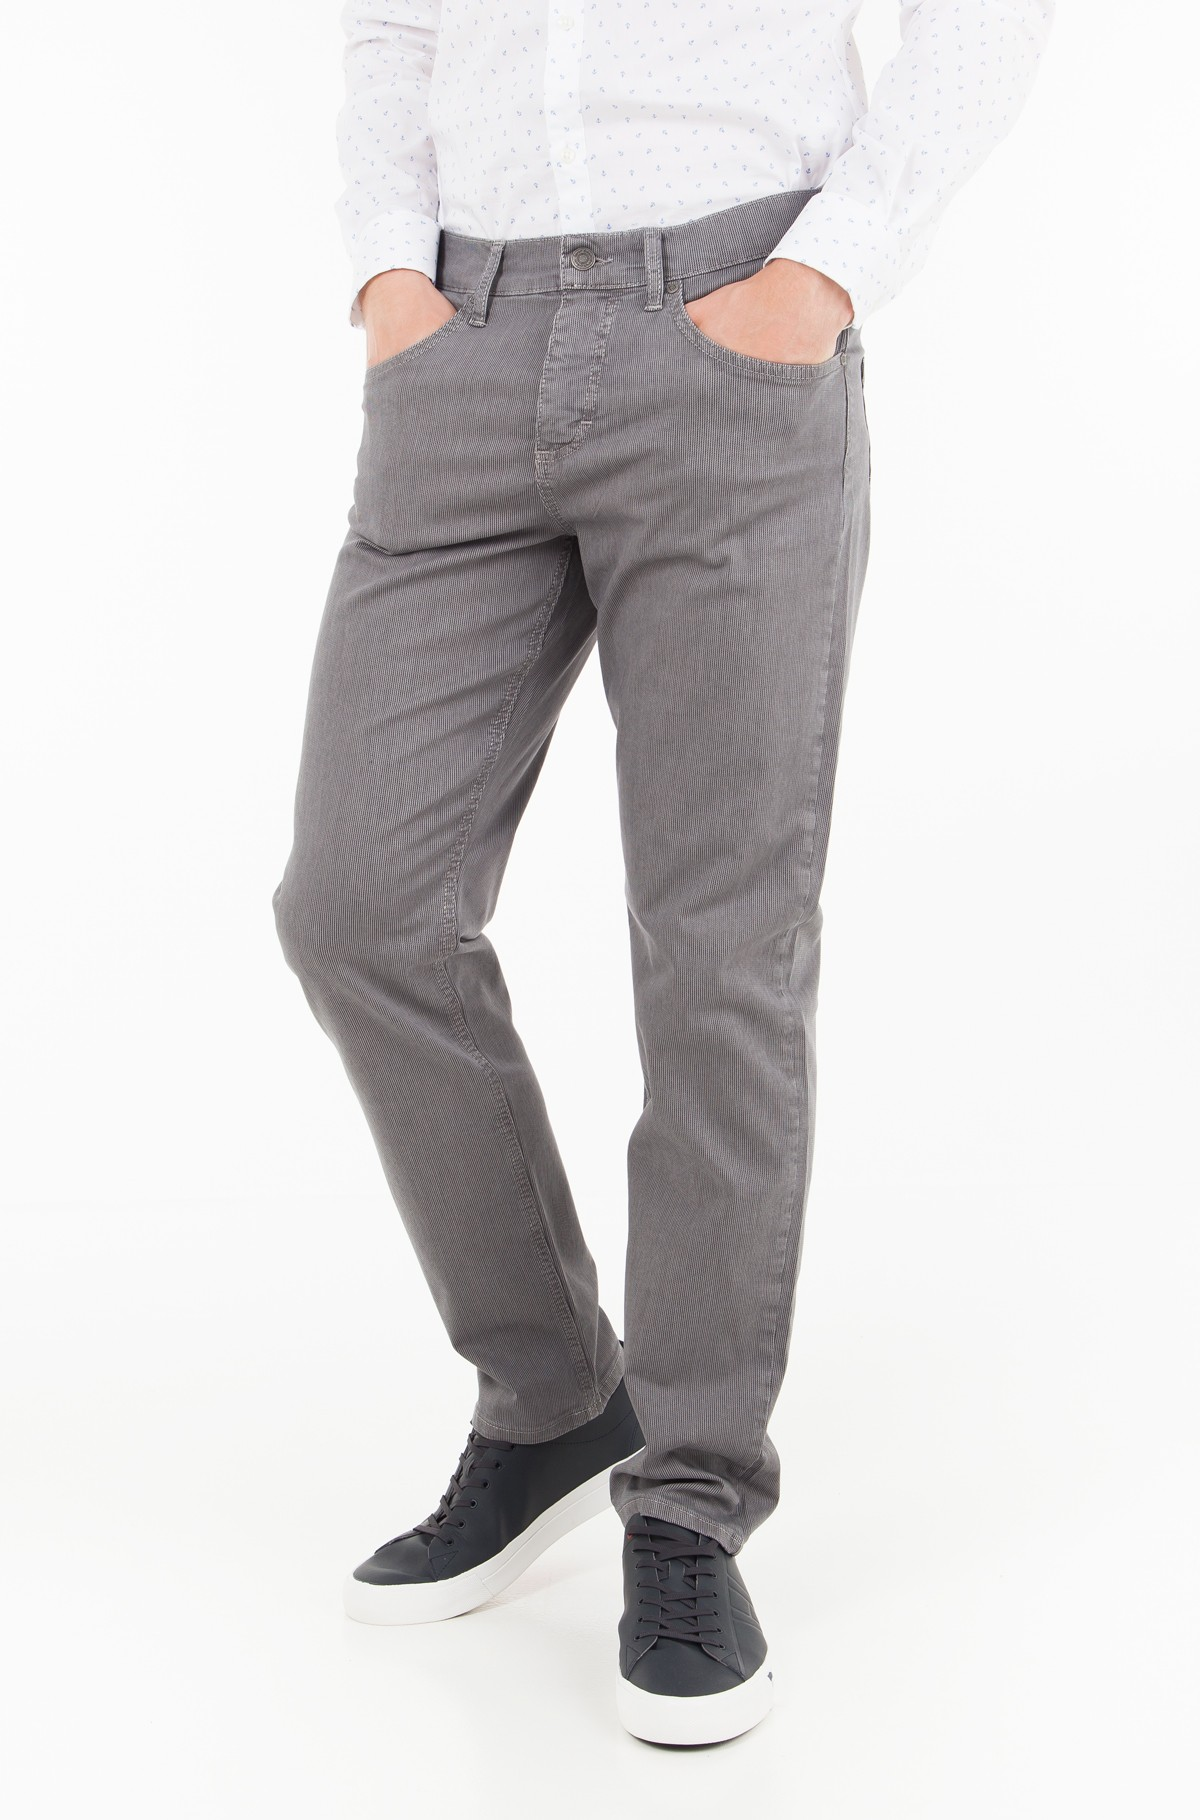 Kelnės Priit regular-full-1